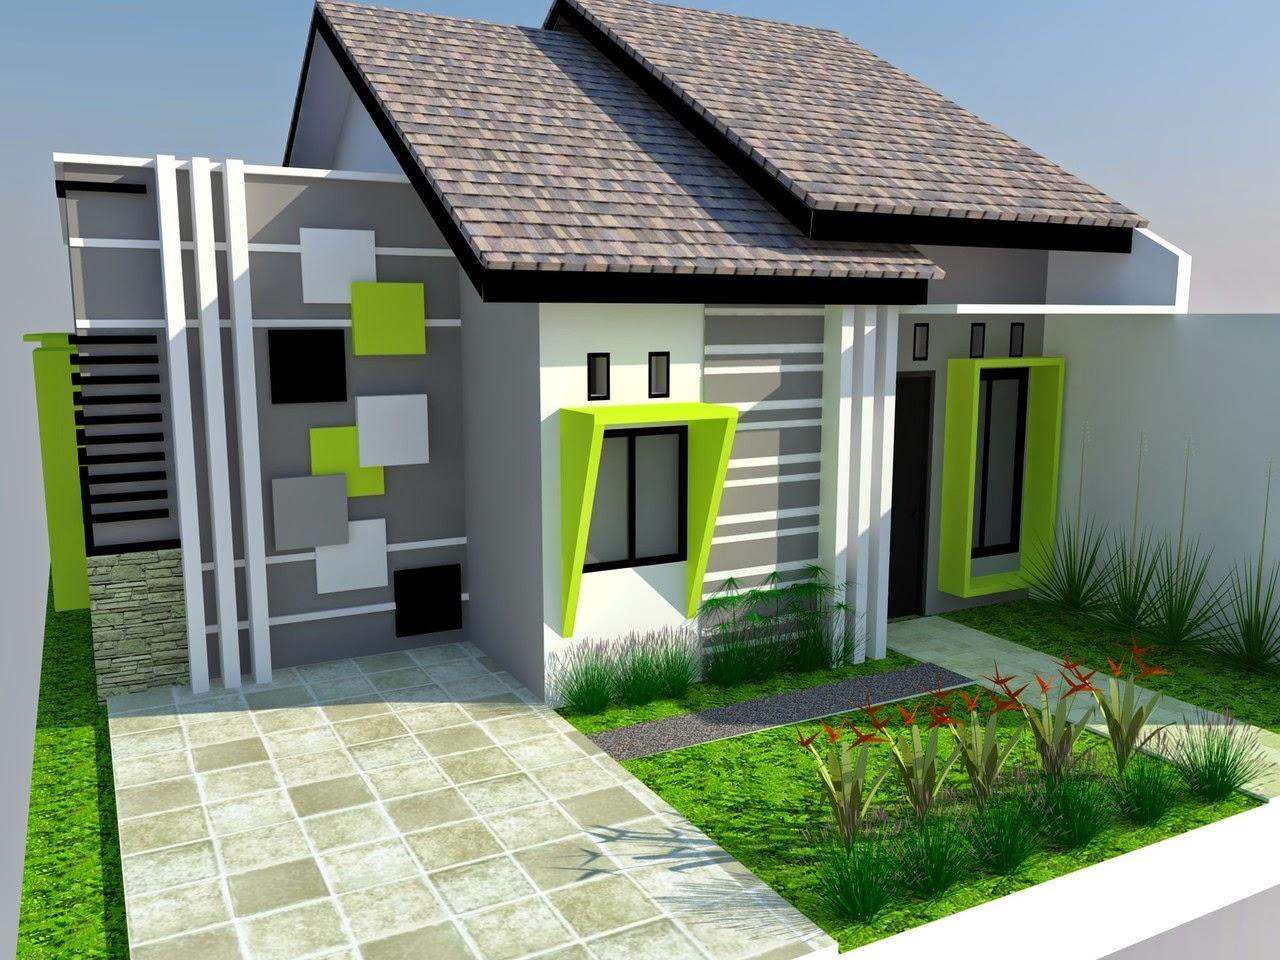 Ingin Punya Rumah Idaman Simak Design Sederhana Ini